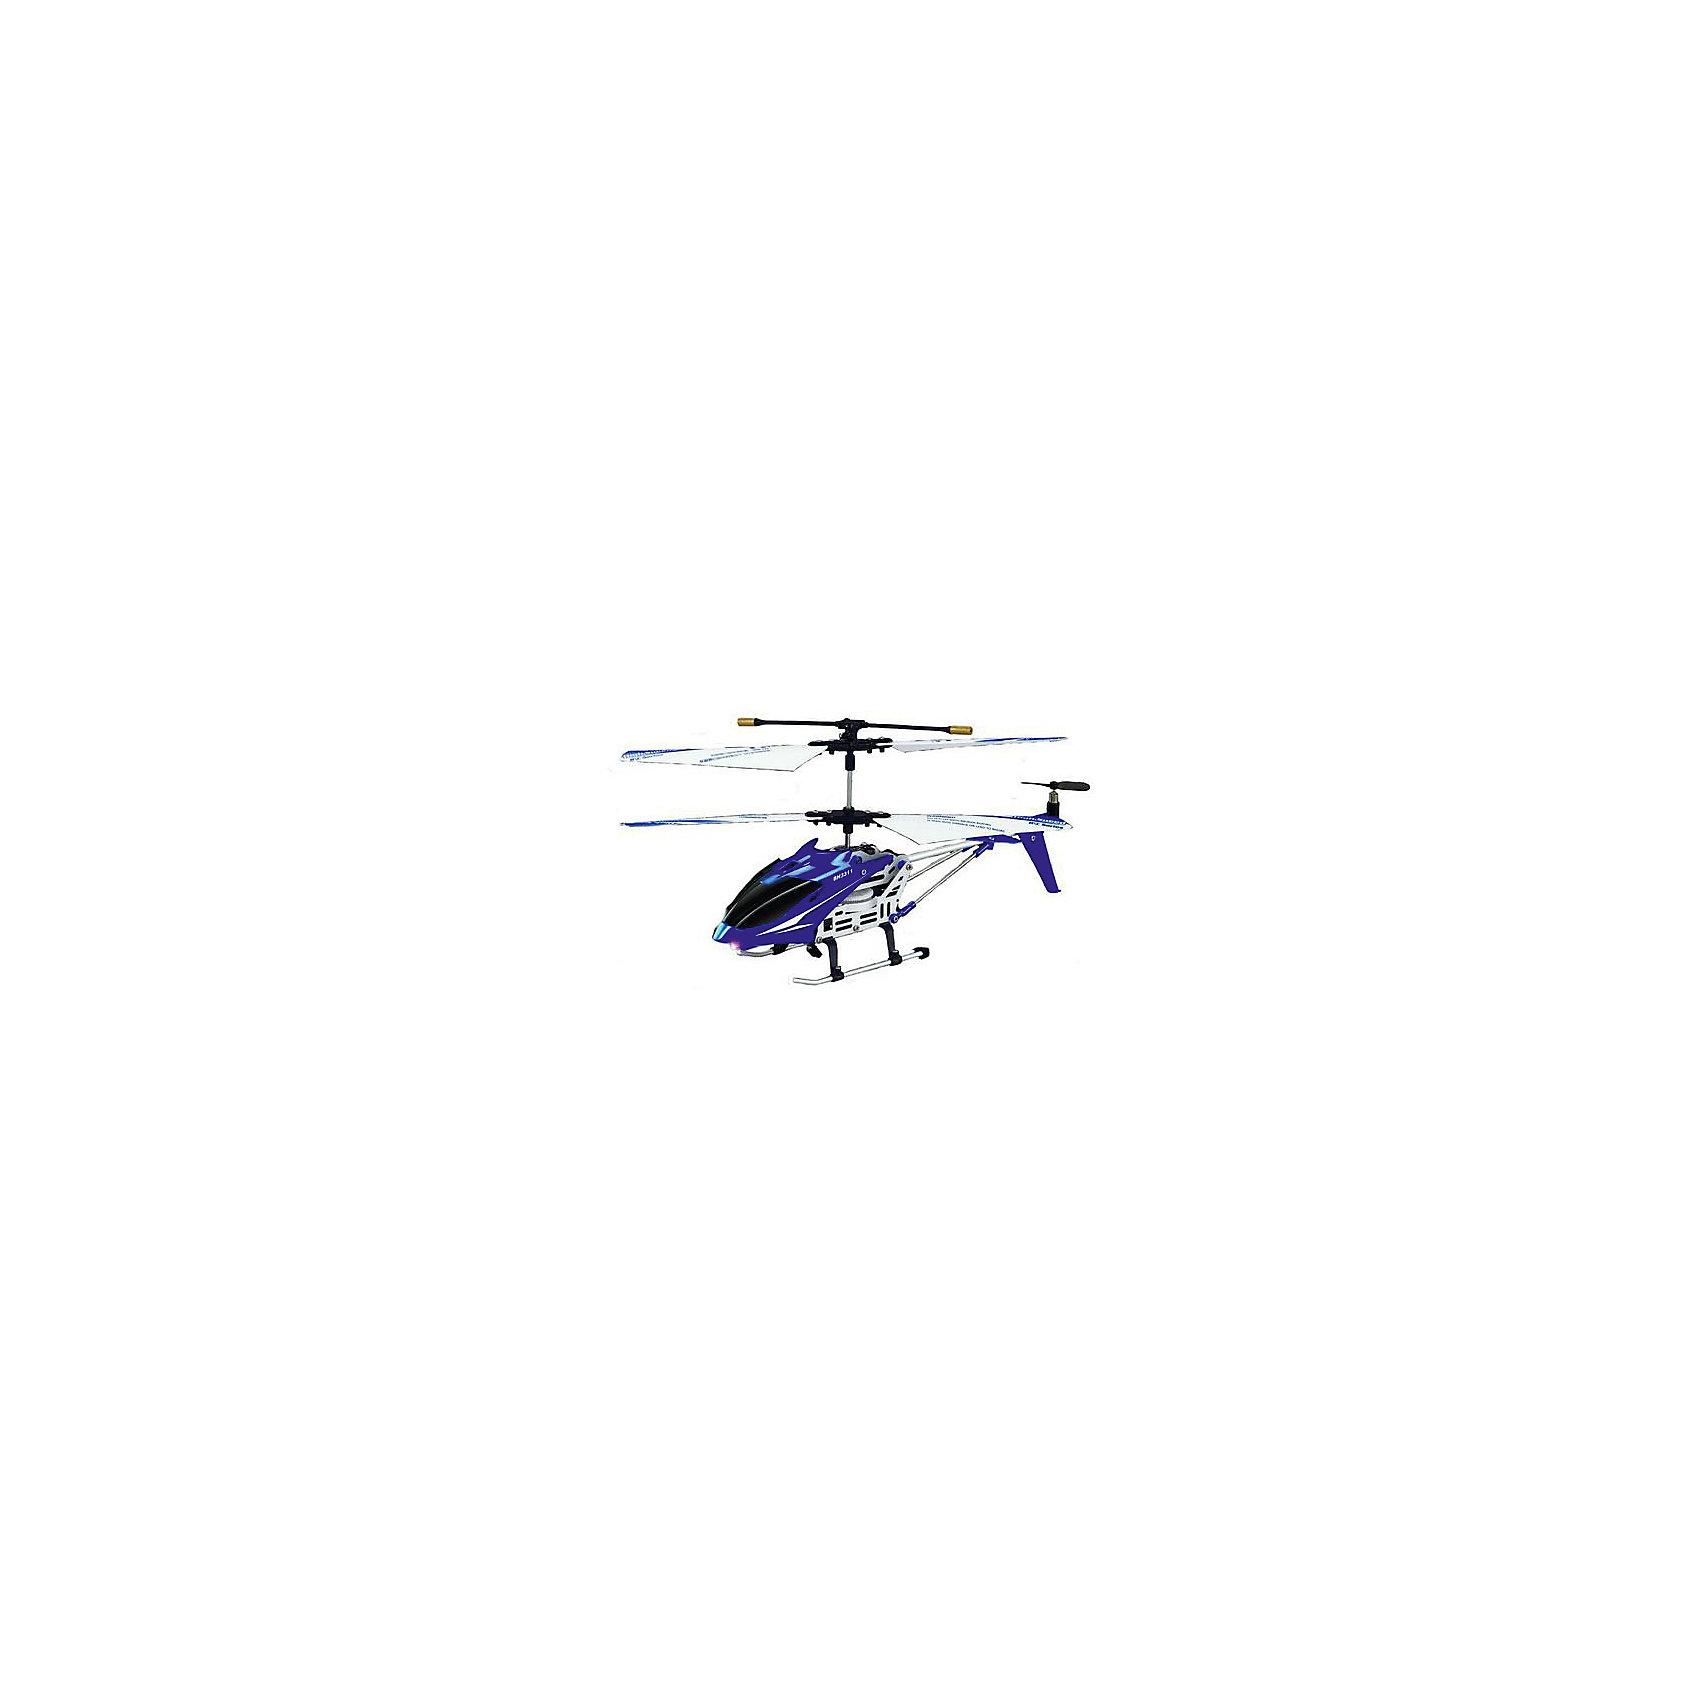 Вертолет на р/у Стриж, Турбо, синий, Властелин небесВертолет на р/у Стриж, Турбо, синий, Властелин небес<br><br>Характеристики:<br><br>• функция Турбоускорения<br>• инфракрасное управление и встроенный гироскоп<br>• летает вверх, вниз, вправо, влево, вперед и назад<br>• может поворачиваться и зависать в воздухе<br>• светящиеся сигнальные огни<br>• материал: металл, полимерные материалы<br>• длина вертолета: 19 см<br>• размер пульта: 11х13 см<br>• размер упаковки: 38х16,5х8 см<br>• вес: 540 грамм<br>• в комплекте: вертолет, пульт управления, USB кабель, отвертка, запасные винты, инструкция<br>• батарейки: АА - 6 шт. (не входят в комплект)<br>• радиус действия: 10 метров<br>• цвет: синий<br><br>Вертолет Стриж - прекрасный подарок для любителей игрушек с дистанционным управлением. С помощью пульта вы сможете отправить игрушку в увлекательное путешествие. Вертолет может летать в любом направлении и даже поворачиваться. Встроенный гироскоп обеспечивает стабилизацию во время полета и даже позволяет вертолету висеть в воздухе. В темное время суток вы без труда найдете игрушку с помощью светящихся сигнальных огней. Радиус действия пульта - 10 метров. Вертолет имеет высокую прочность и устойчивость к повреждениям.<br><br>Заряжается с помощью USB кабеля. Для работы пульта необходимы 6 батареек АА (не входят в комплект).<br><br>Вертолет на р/у Стриж, Турбо, синий, Властелин небес вы можете купить в нашем интернет-магазине.<br><br>Ширина мм: 160<br>Глубина мм: 80<br>Высота мм: 380<br>Вес г: 575<br>Возраст от месяцев: 144<br>Возраст до месяцев: 2147483647<br>Пол: Мужской<br>Возраст: Детский<br>SKU: 5397083